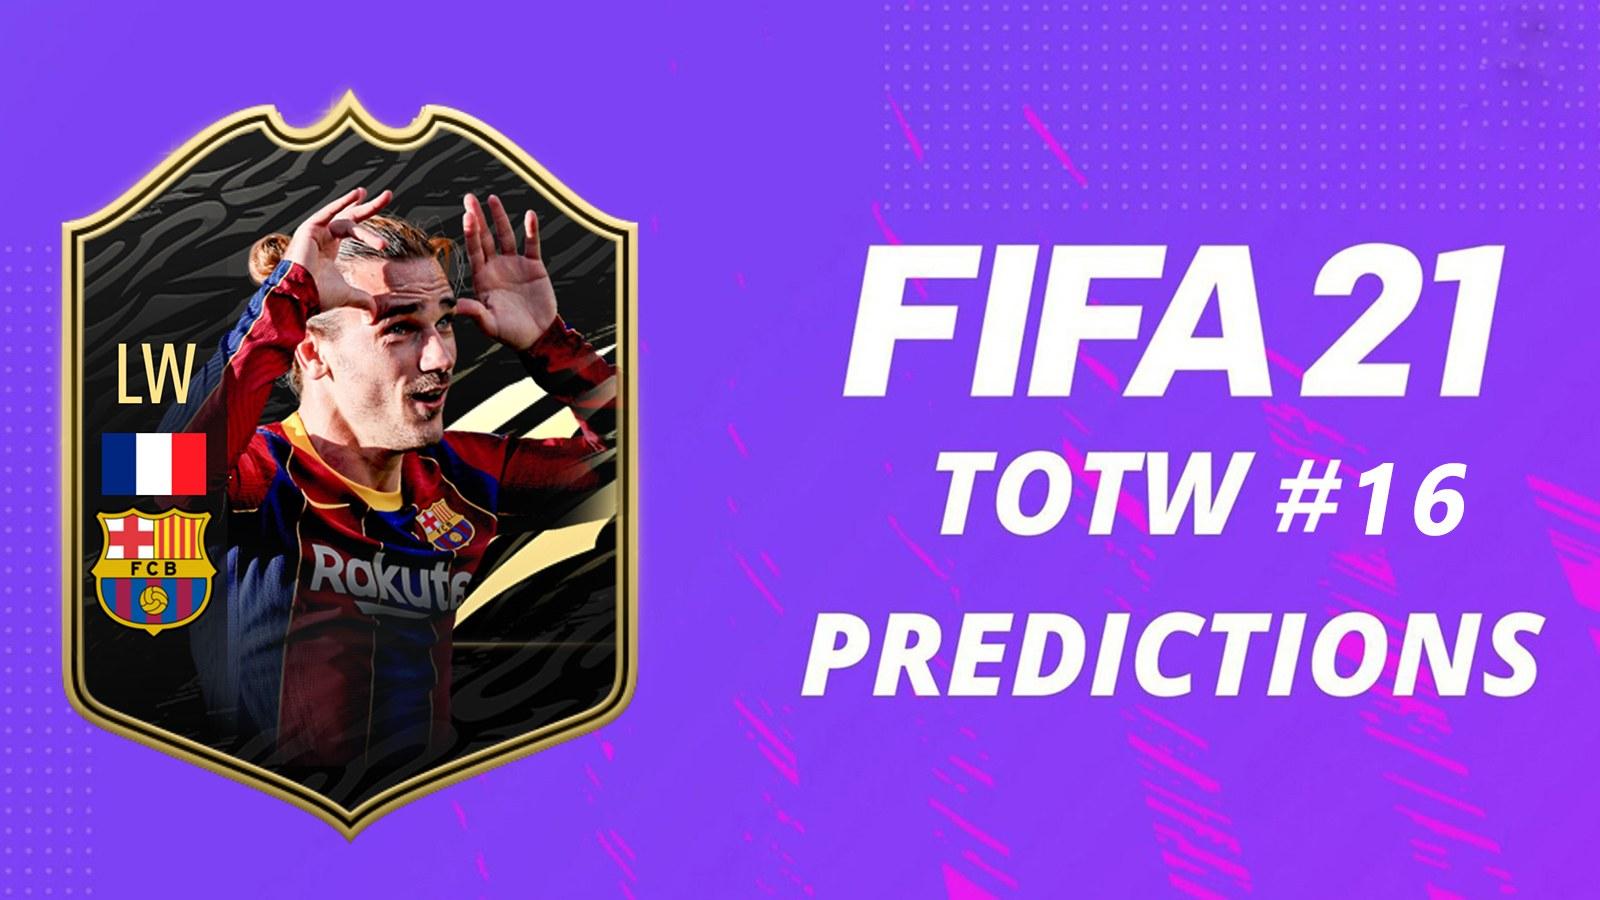 Prédictions TOTW 16 FIFA 21